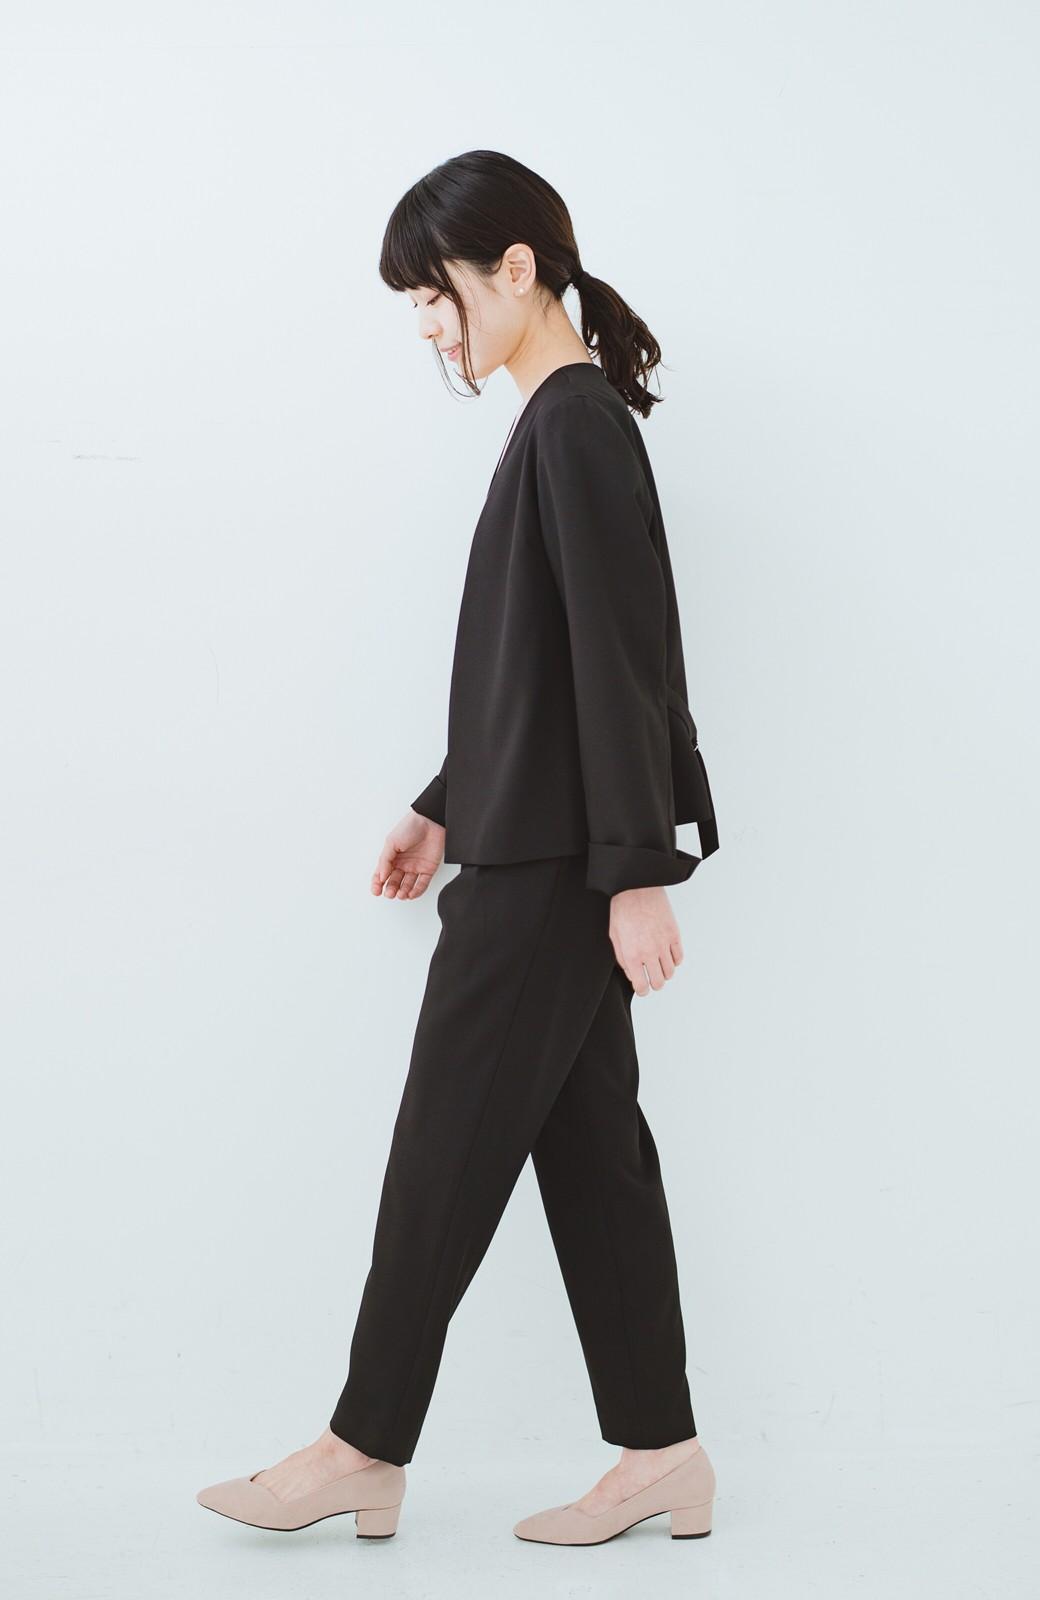 haco! 持っていると便利な野暮ったくならないフォーマルジャケット・パンツ・スカートの3点セット <ブラック>の商品写真13